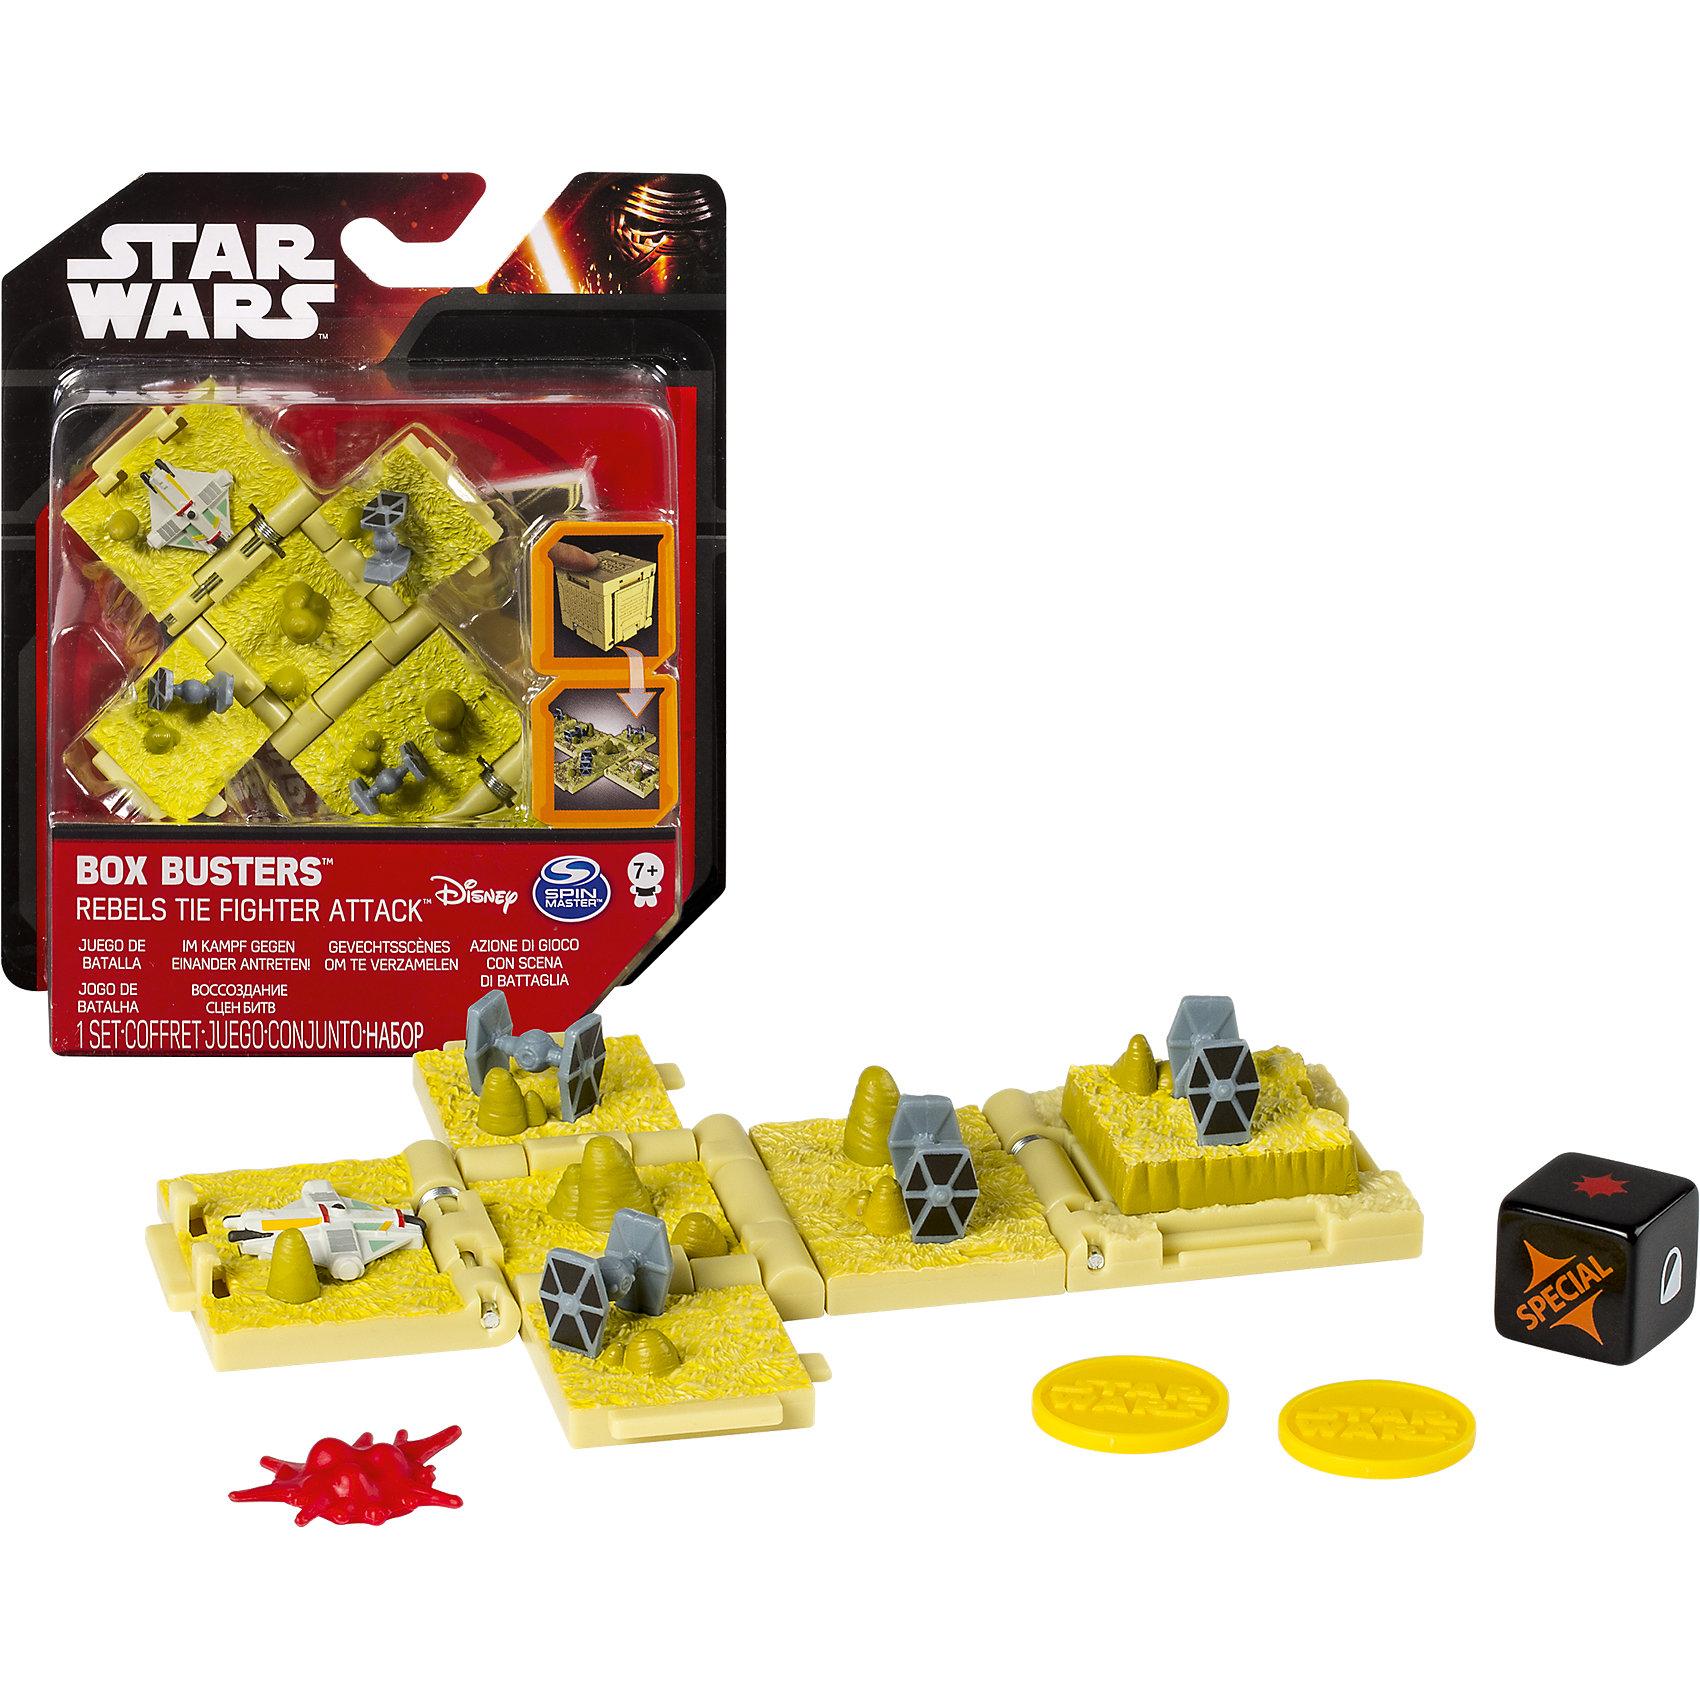 Боевые кубики, Звездные войныЛюбимые герои<br>Боевые кубики, Звездные войны - это уникальная стратегическая игра, с которой можно погрузиться в мир Звездных войн.<br>Внутри небольшого кубика скрывается компактная настольная игра, воспроизводящая батальную сцену из космической саги о Звездных войнах. Это может быть легендарная битва в джунглях Эндора, штурм базы повстанцев на ледяном Хоте, космическое сражение при Явине или атака имперских истребителей на корабль Сопротивления. Выбирайте цель и смело бросайте игровые кости, чтобы устроить полное поражение своему противнику! А когда игра закончена, поле-развертка снова собирается в кубик.<br><br>Дополнительная информация:<br><br>- В наборе: один кубик, карта для игры, игровые кости<br>- В ассортименте представлено 4 различных кубика<br>- Количество игроков: 2<br>- Размер кубика в собранном виде: 4 x 4 x 4 см.<br>- Размер кубика в разобранном виде: 14 x 9 x 4 см.<br>- Материал: пластик<br>- Размеры упаковки: 15,8 х 4 х 14 см.<br>- Вес: 150 гр.<br>- ВНИМАНИЕ! Данный артикул представлен в разных вариантах исполнения. К сожалению, заранее выбрать определенный вариант невозможно. При заказе нескольких наборов возможно получение одинаковых<br><br>Боевые кубики, Звездные войны можно купить в нашем интернет-магазине.<br><br>Ширина мм: 160<br>Глубина мм: 139<br>Высота мм: 43<br>Вес г: 99<br>Возраст от месяцев: 84<br>Возраст до месяцев: 228<br>Пол: Мужской<br>Возраст: Детский<br>SKU: 4238272